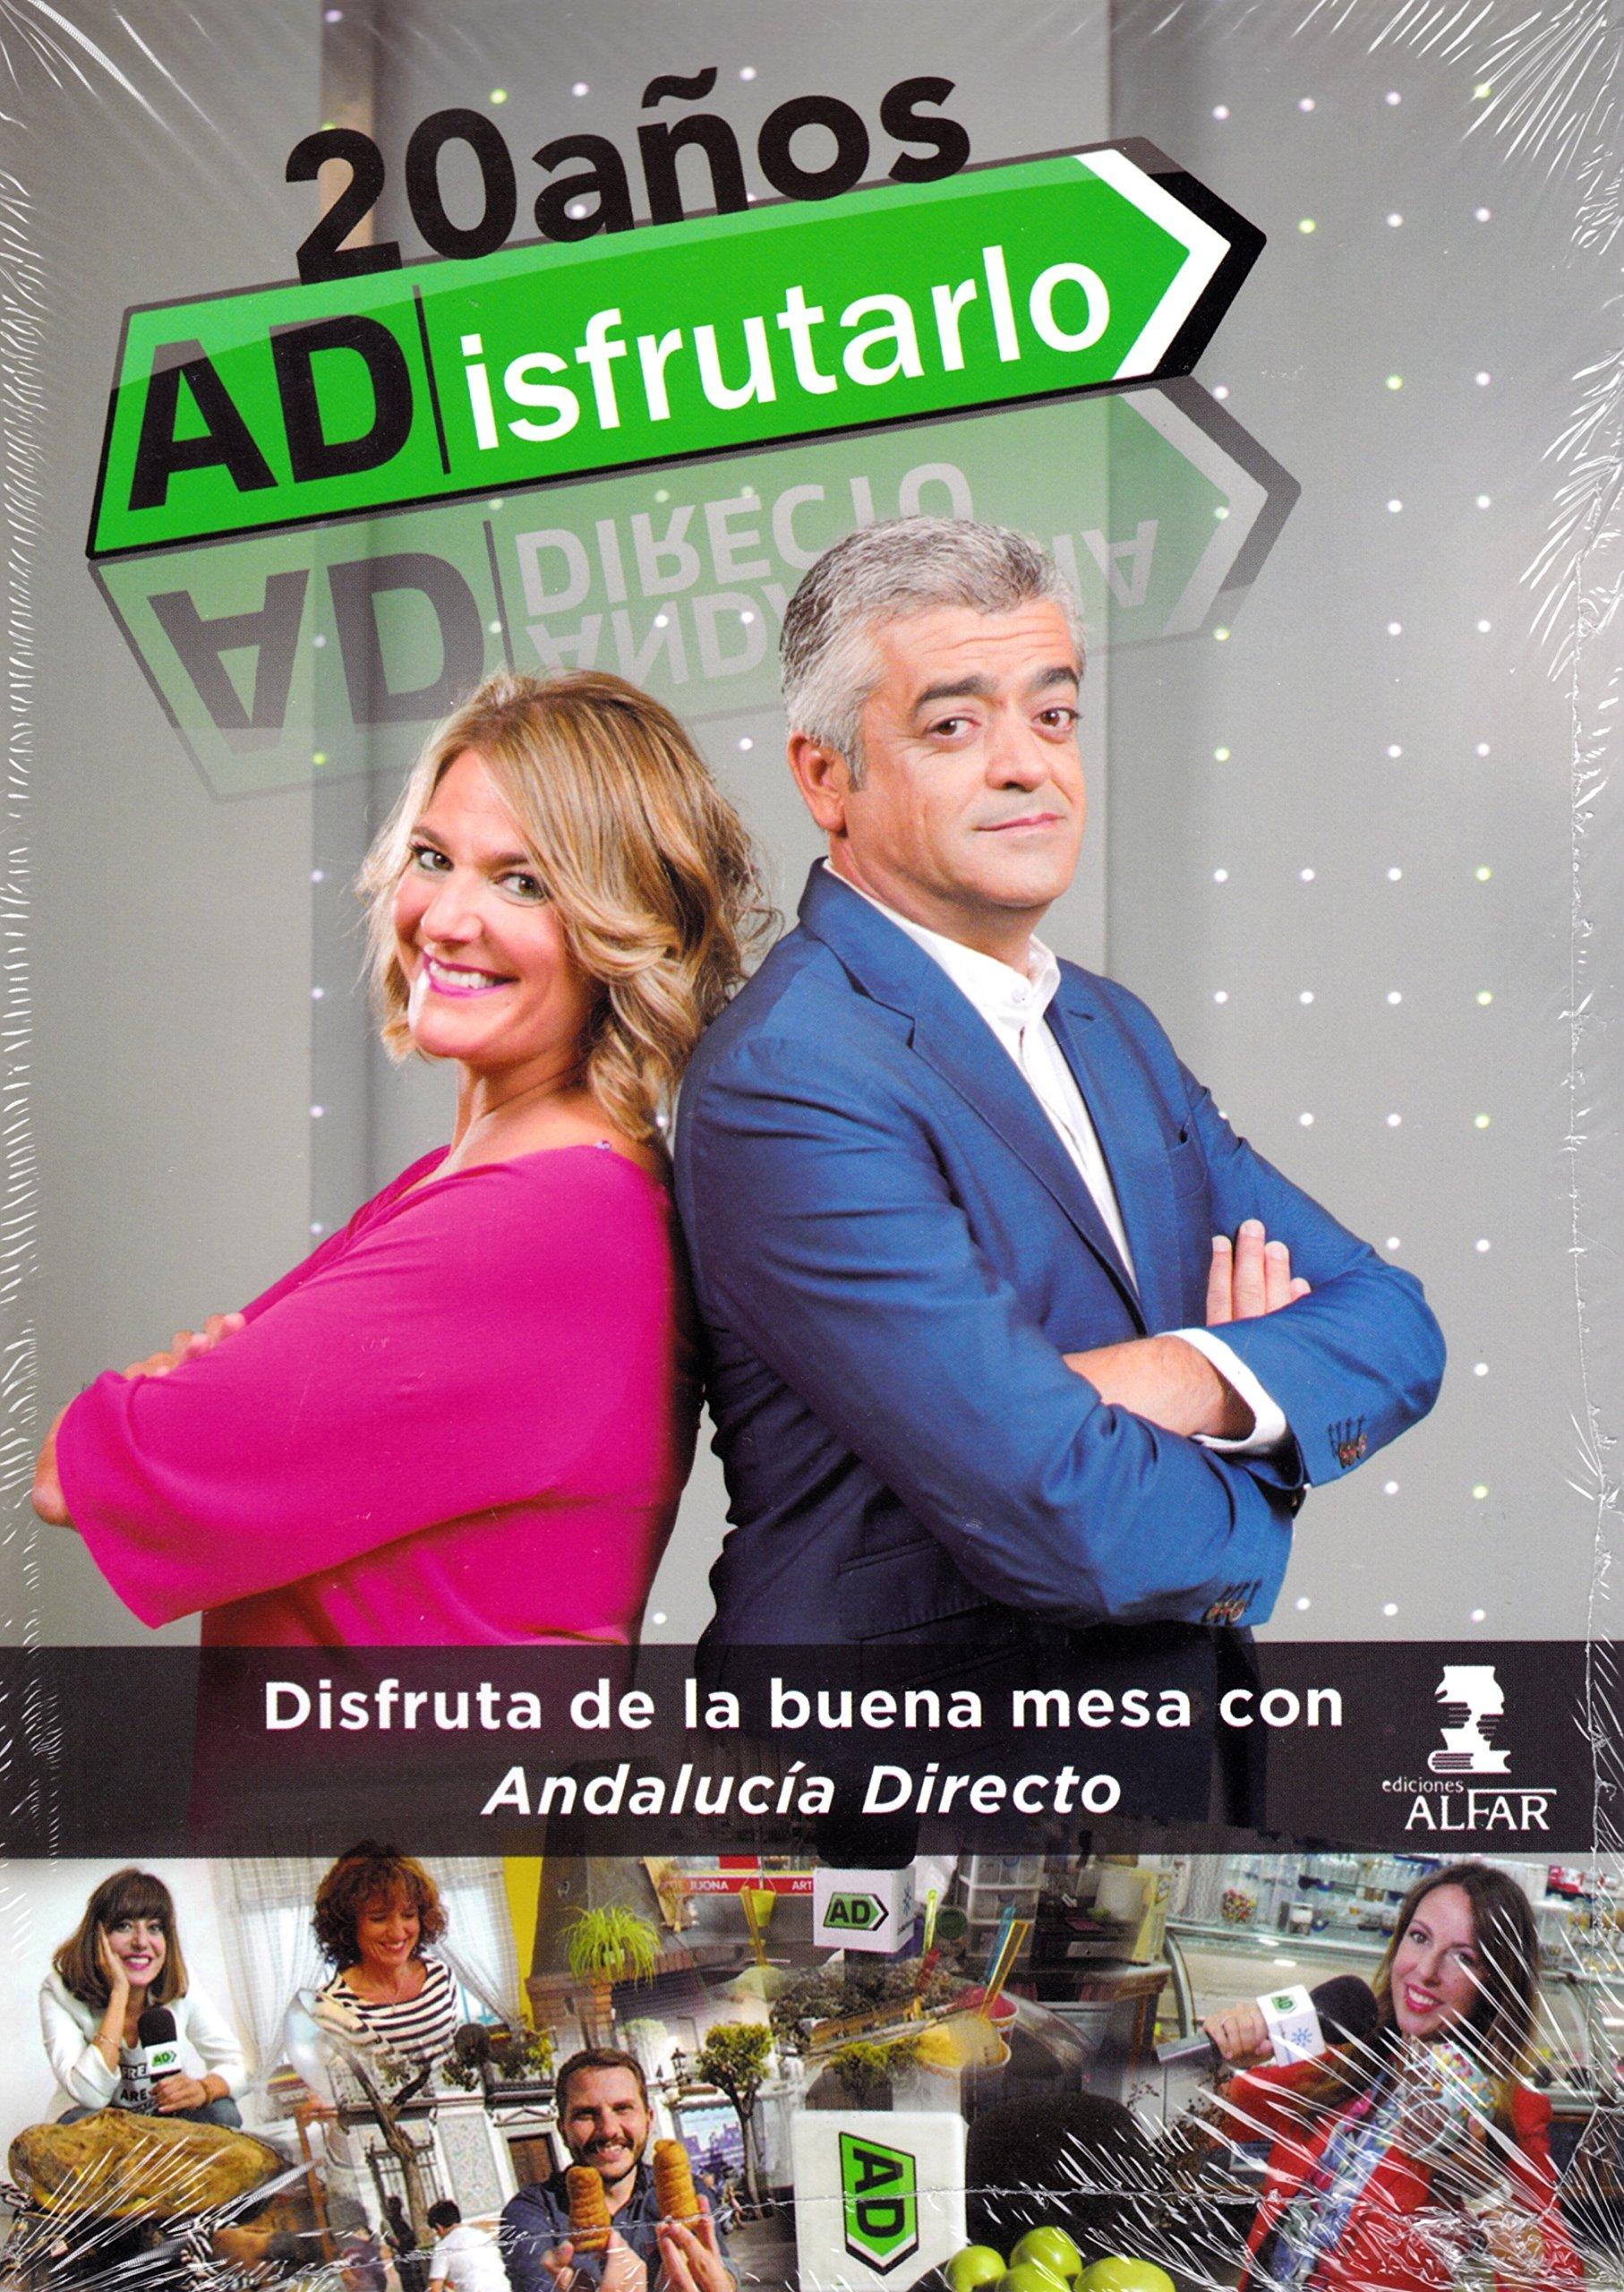 ADisfrutarlo. 20 años de la buena mesa con Andalucía Directo Fuera ...